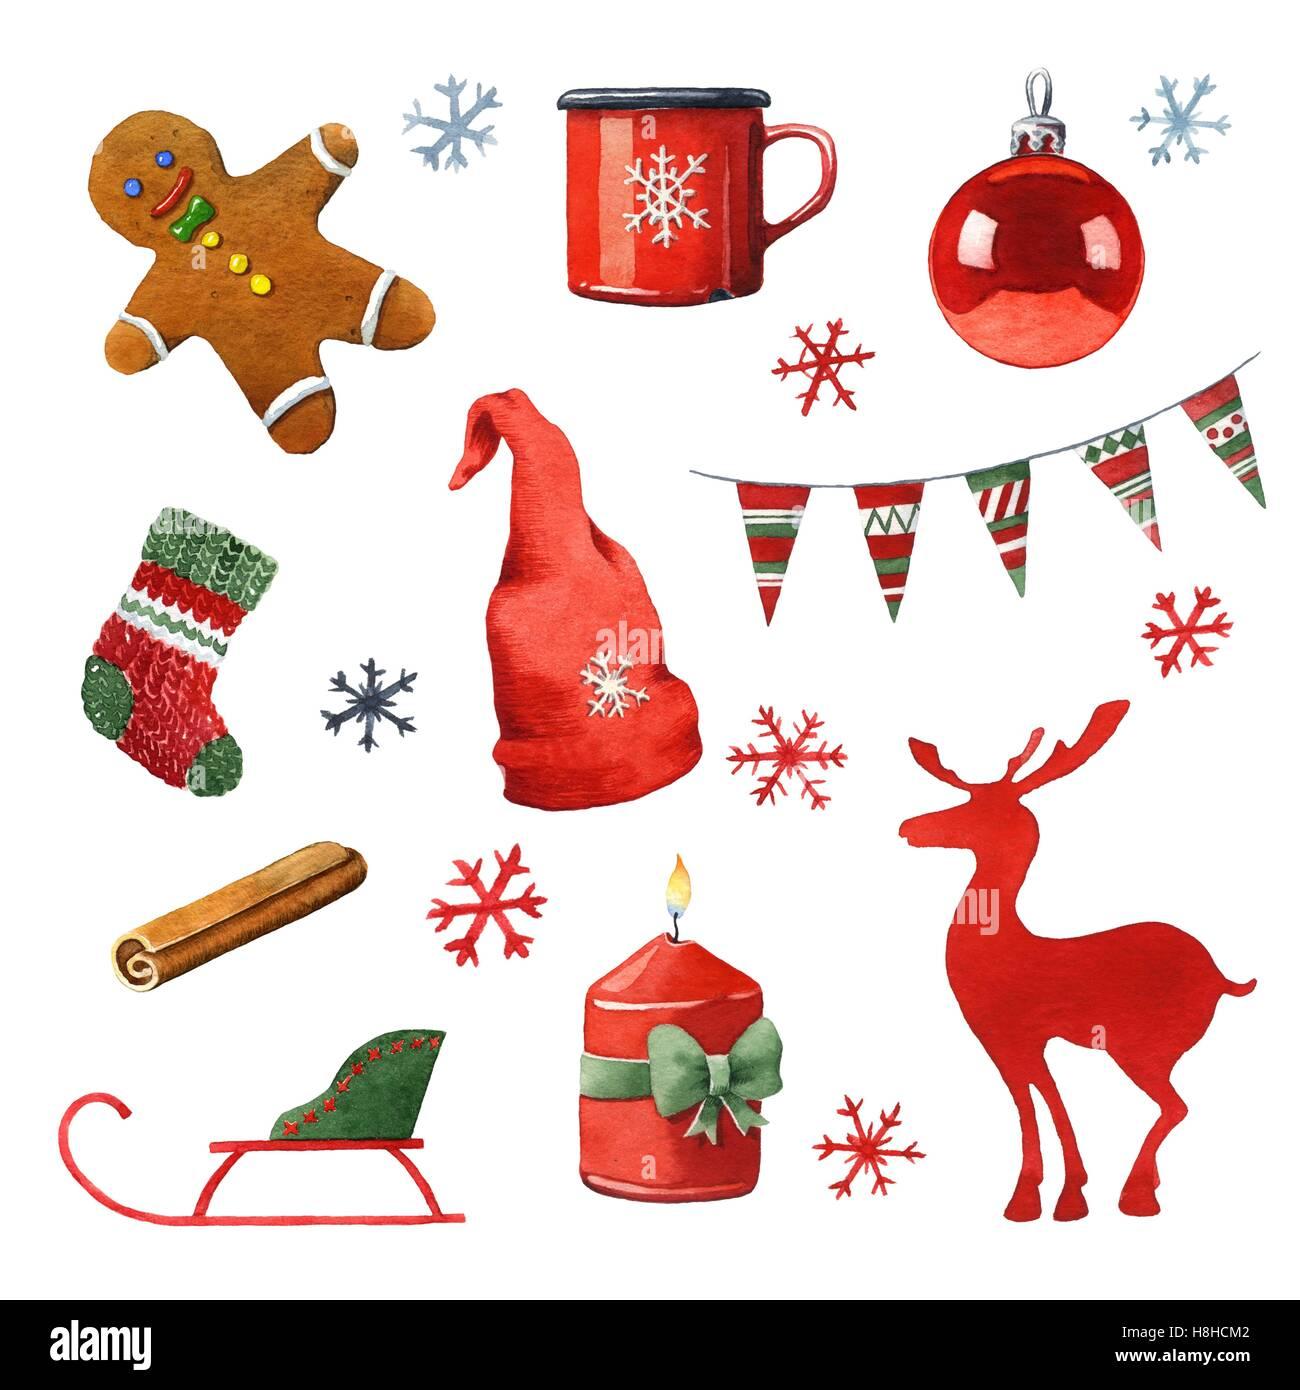 Aquarell handgemalte Weihnachten Clipart Stockfoto, Bild: 125772978 ...